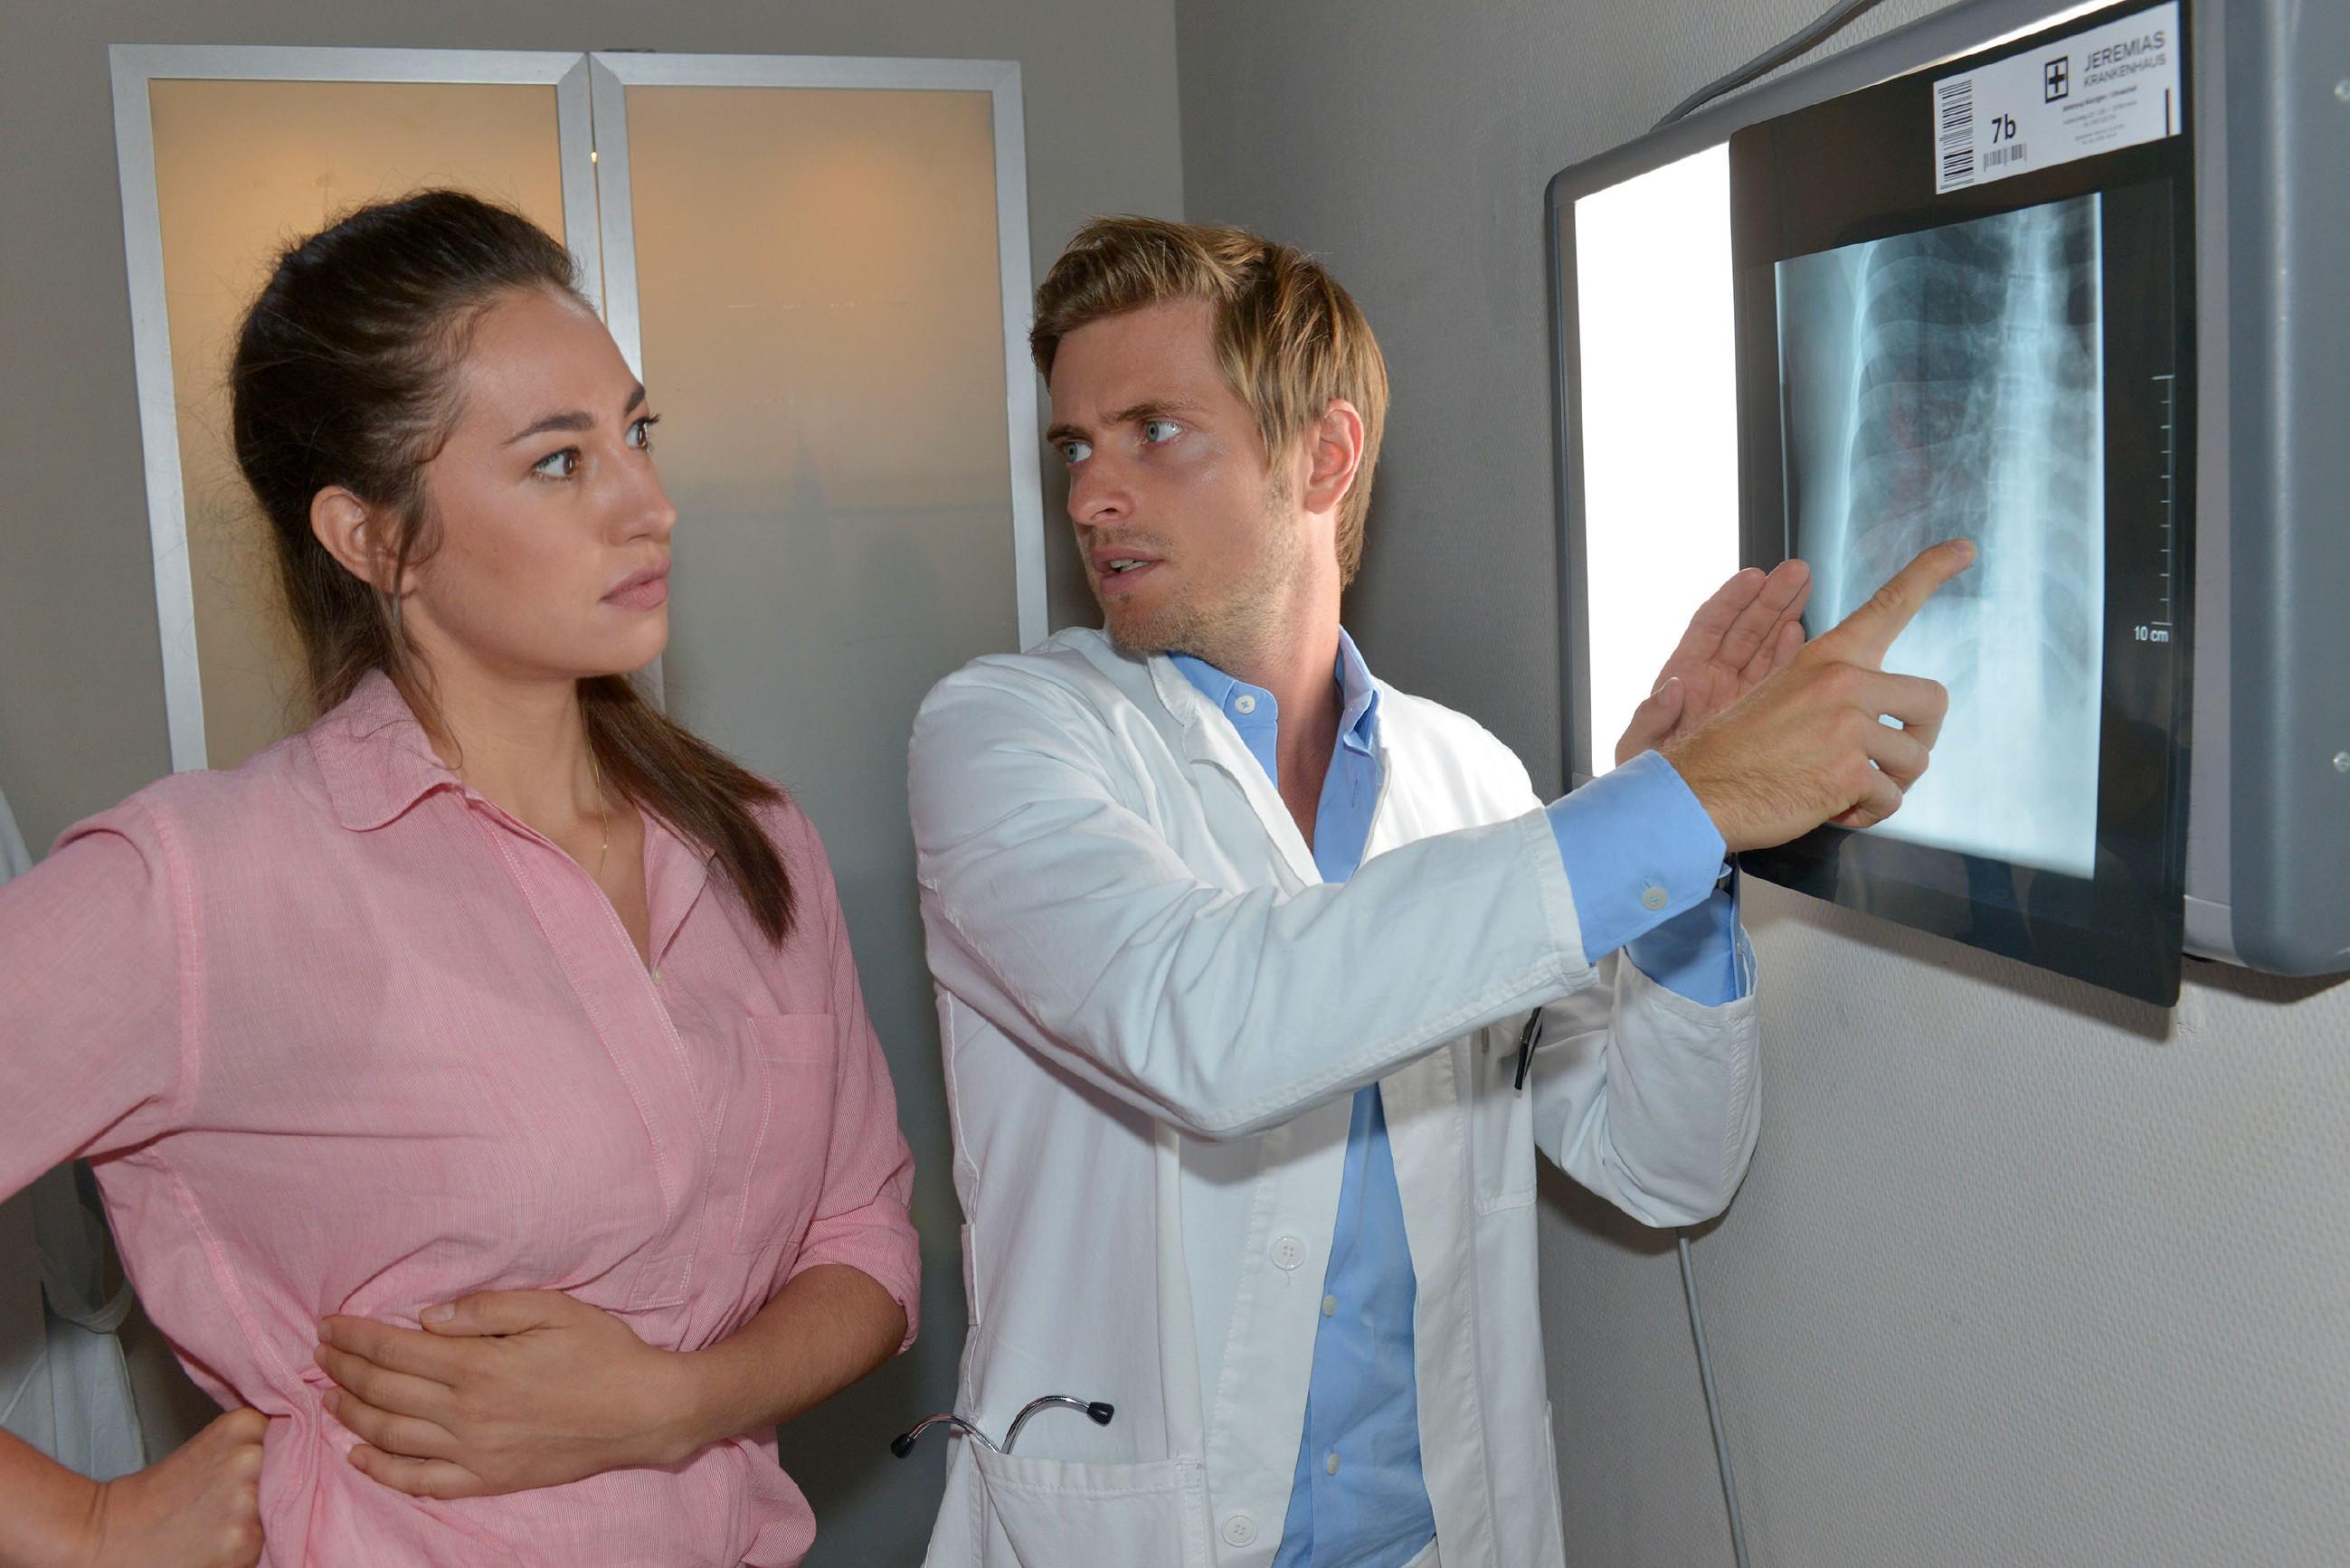 Als Elena (Elena Garcia Gerlach) nach einem kleinen Unfall bei Philip (Jörn Schlönvoigt) im Krankenhaus landet, fühlt sie sich schäbig, Philip weiterhin belügen zu müssen.